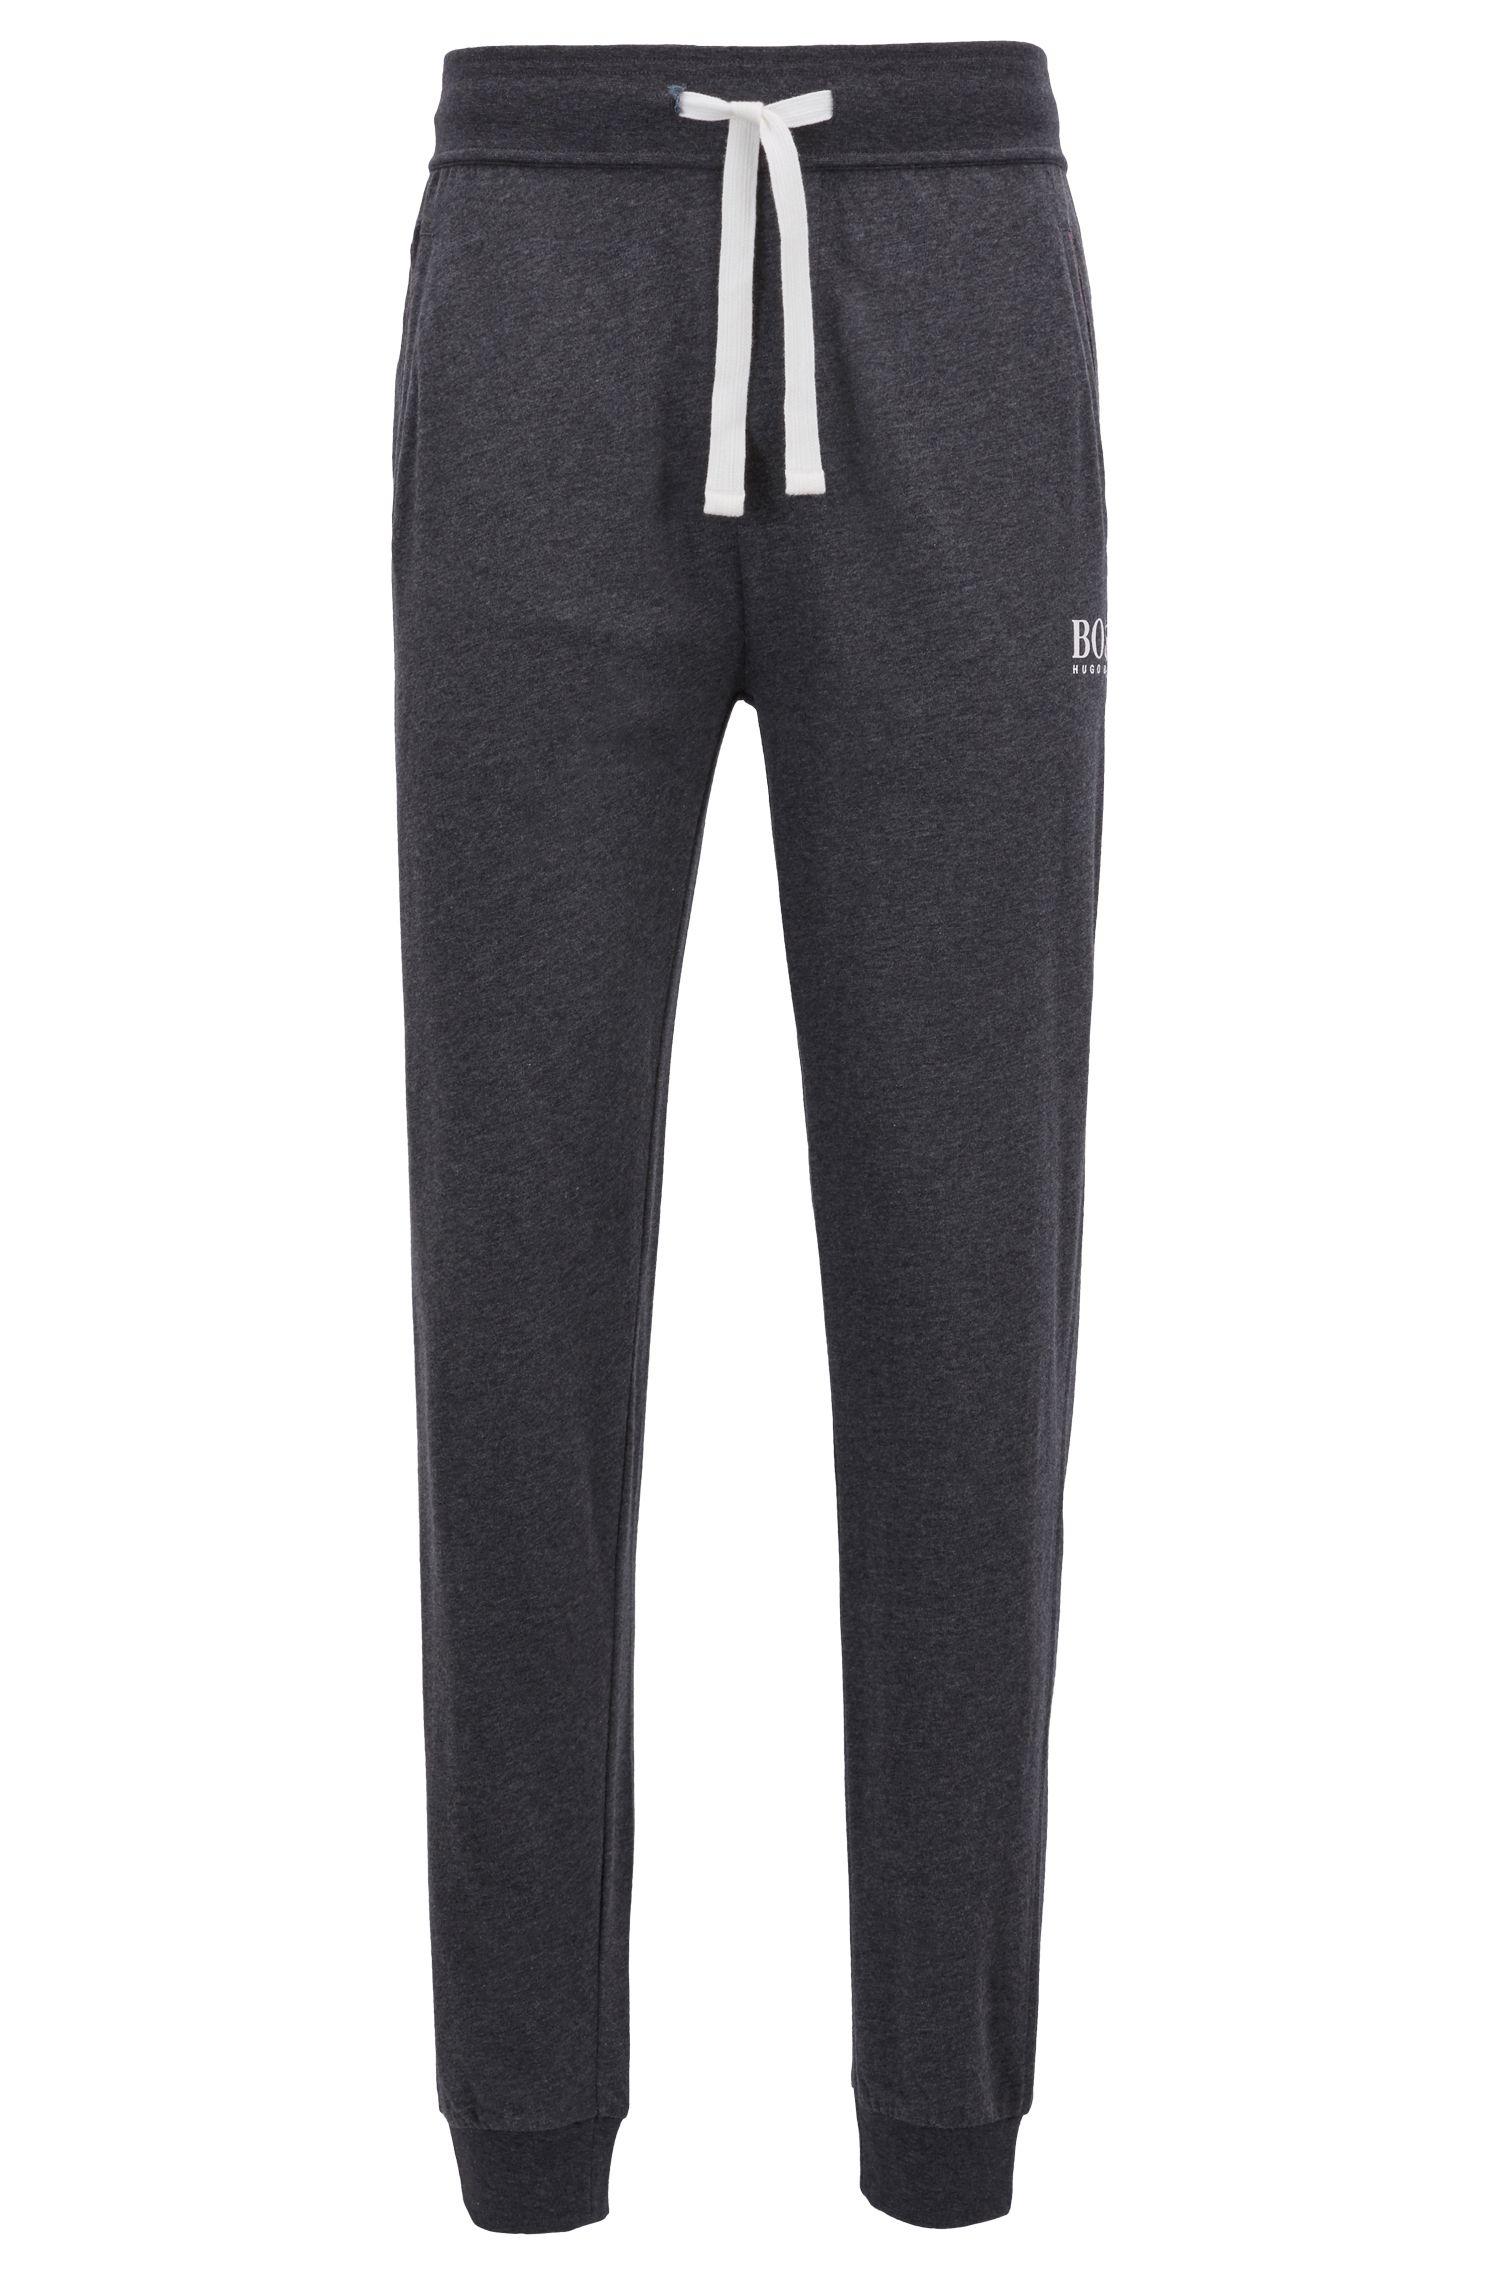 Pantalon d'intérieur resserré au bas des jambes, en jersey simple de coton lourd, Gris